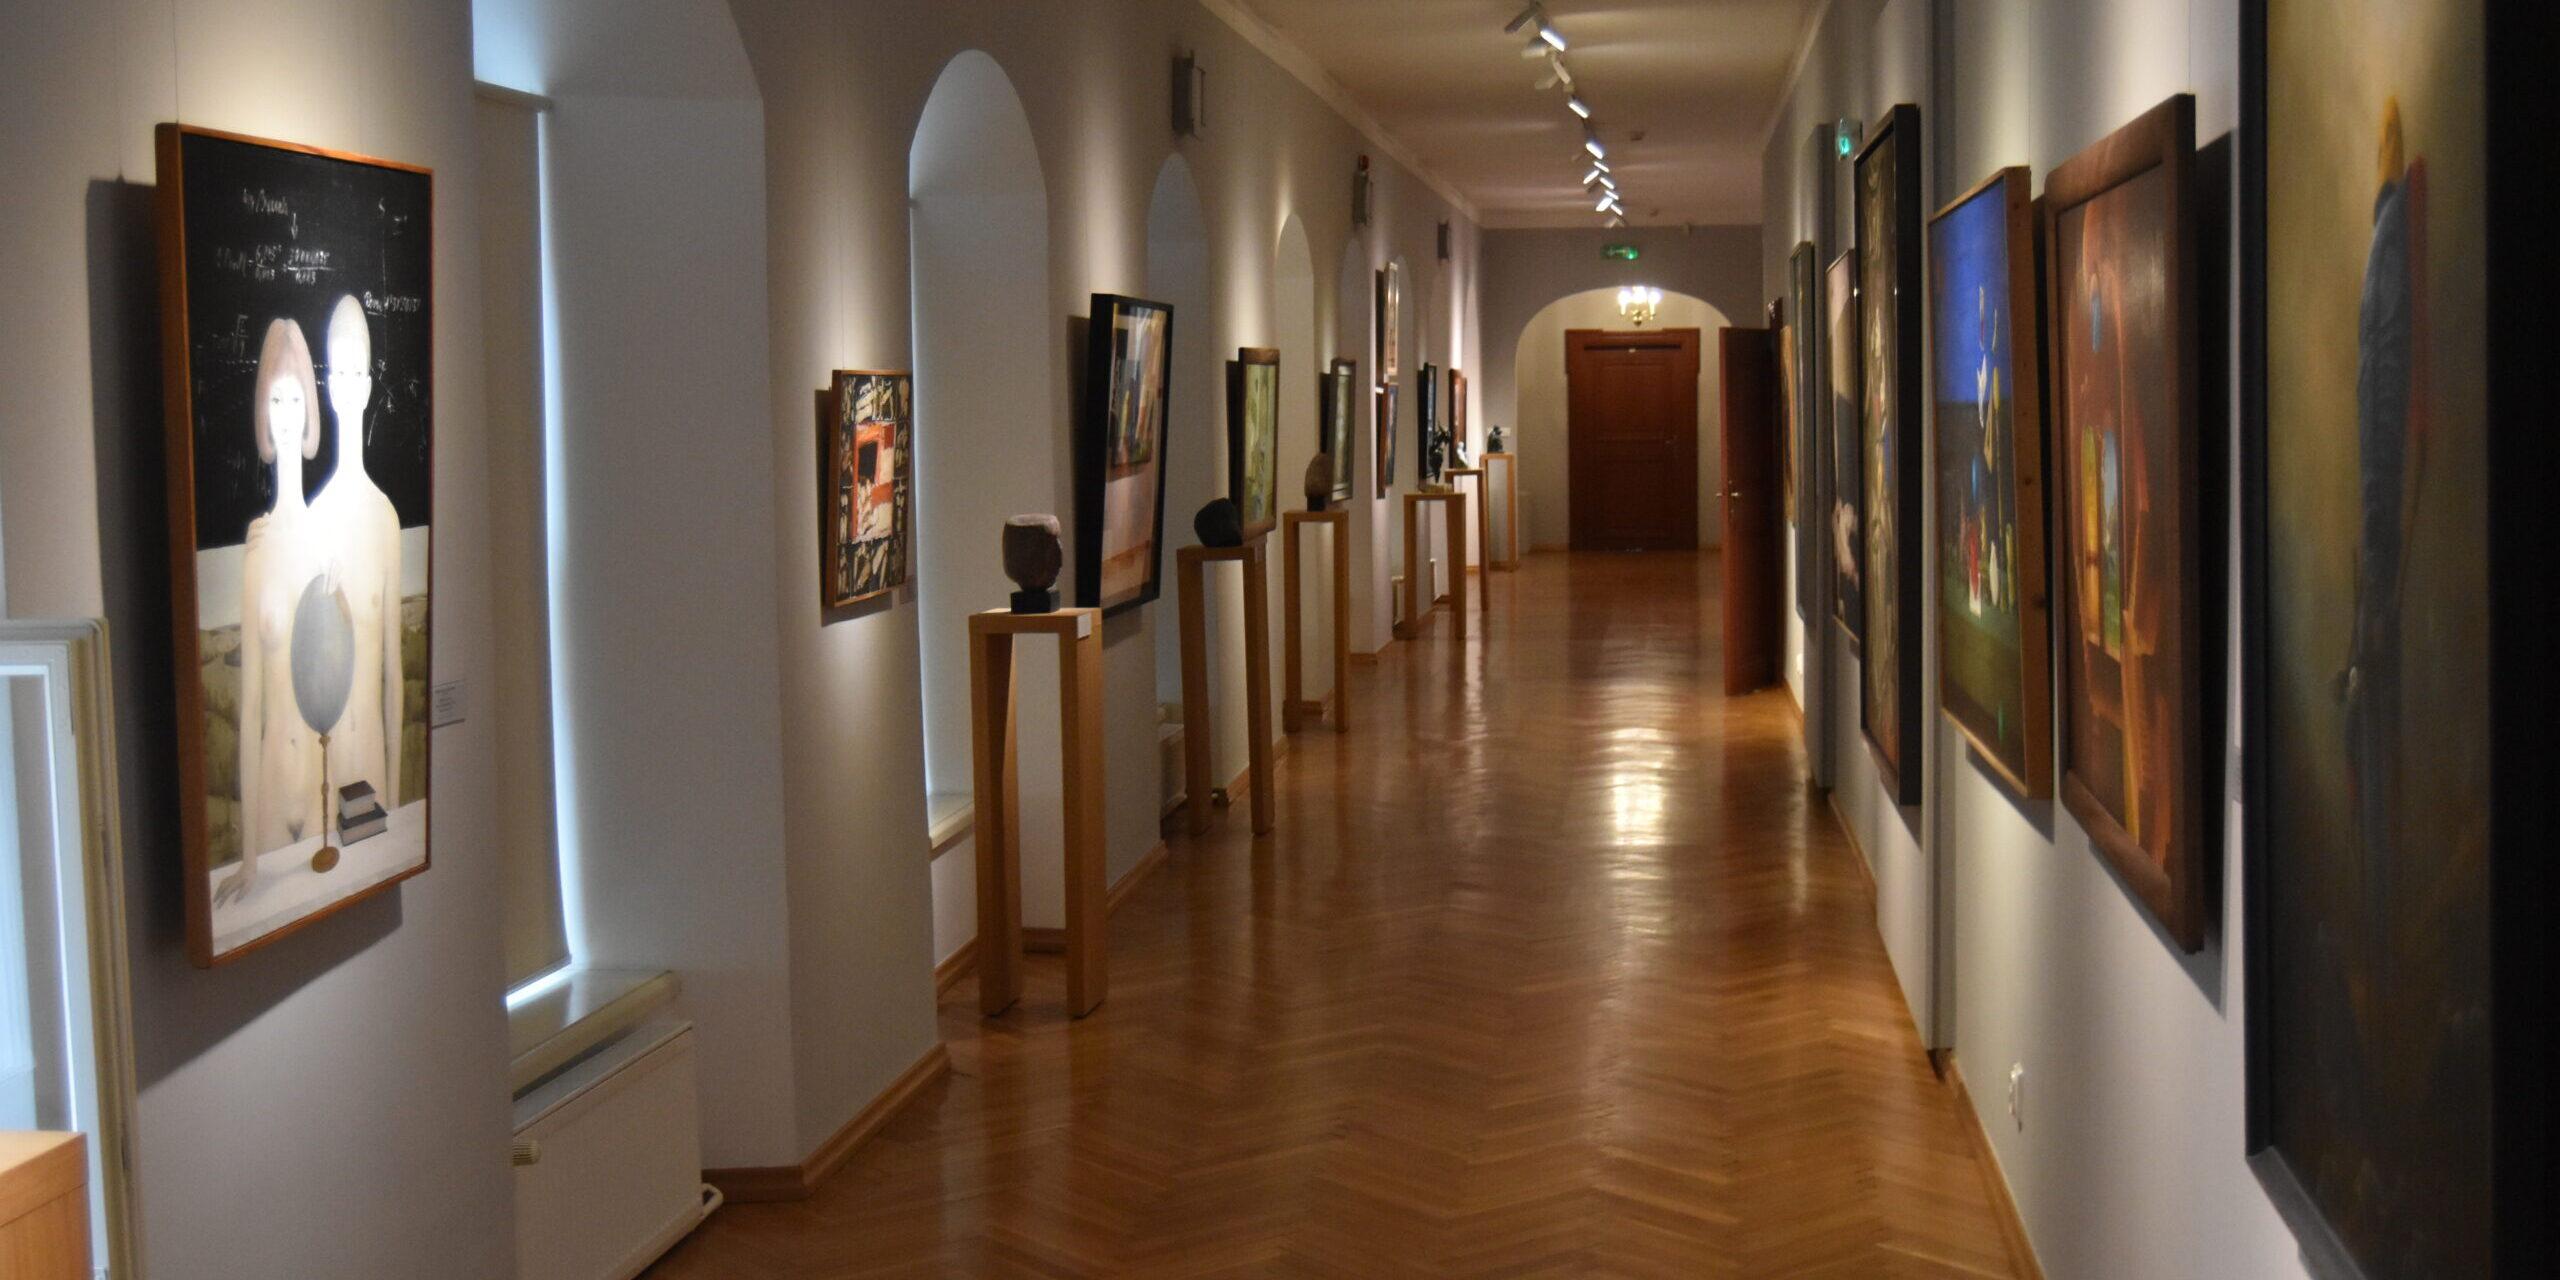 Zapraszamy na wirtualny spacer po galerii malarstwa i rzeźby polskiej